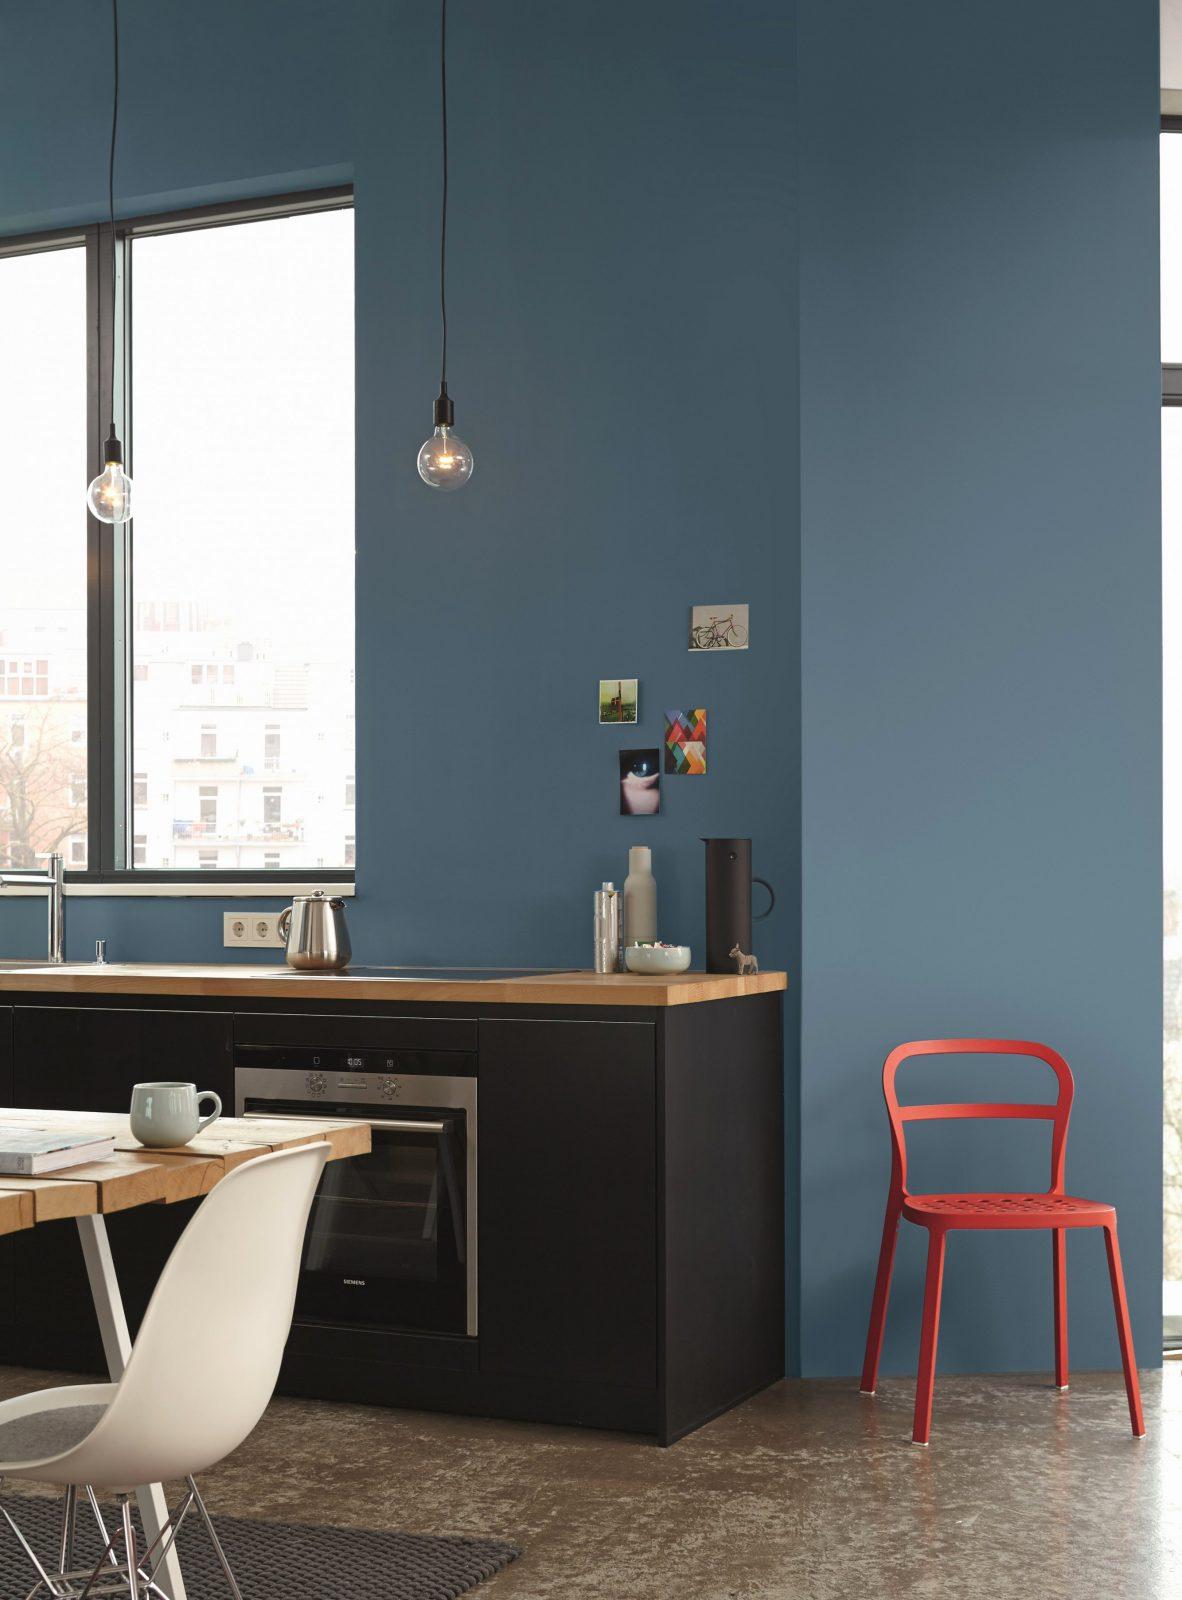 49 Elegant Wand Farbig Streichen Ideen  Sabiya Yasmin Furniture Homes von Wände Farbig Gestalten Ideen Photo